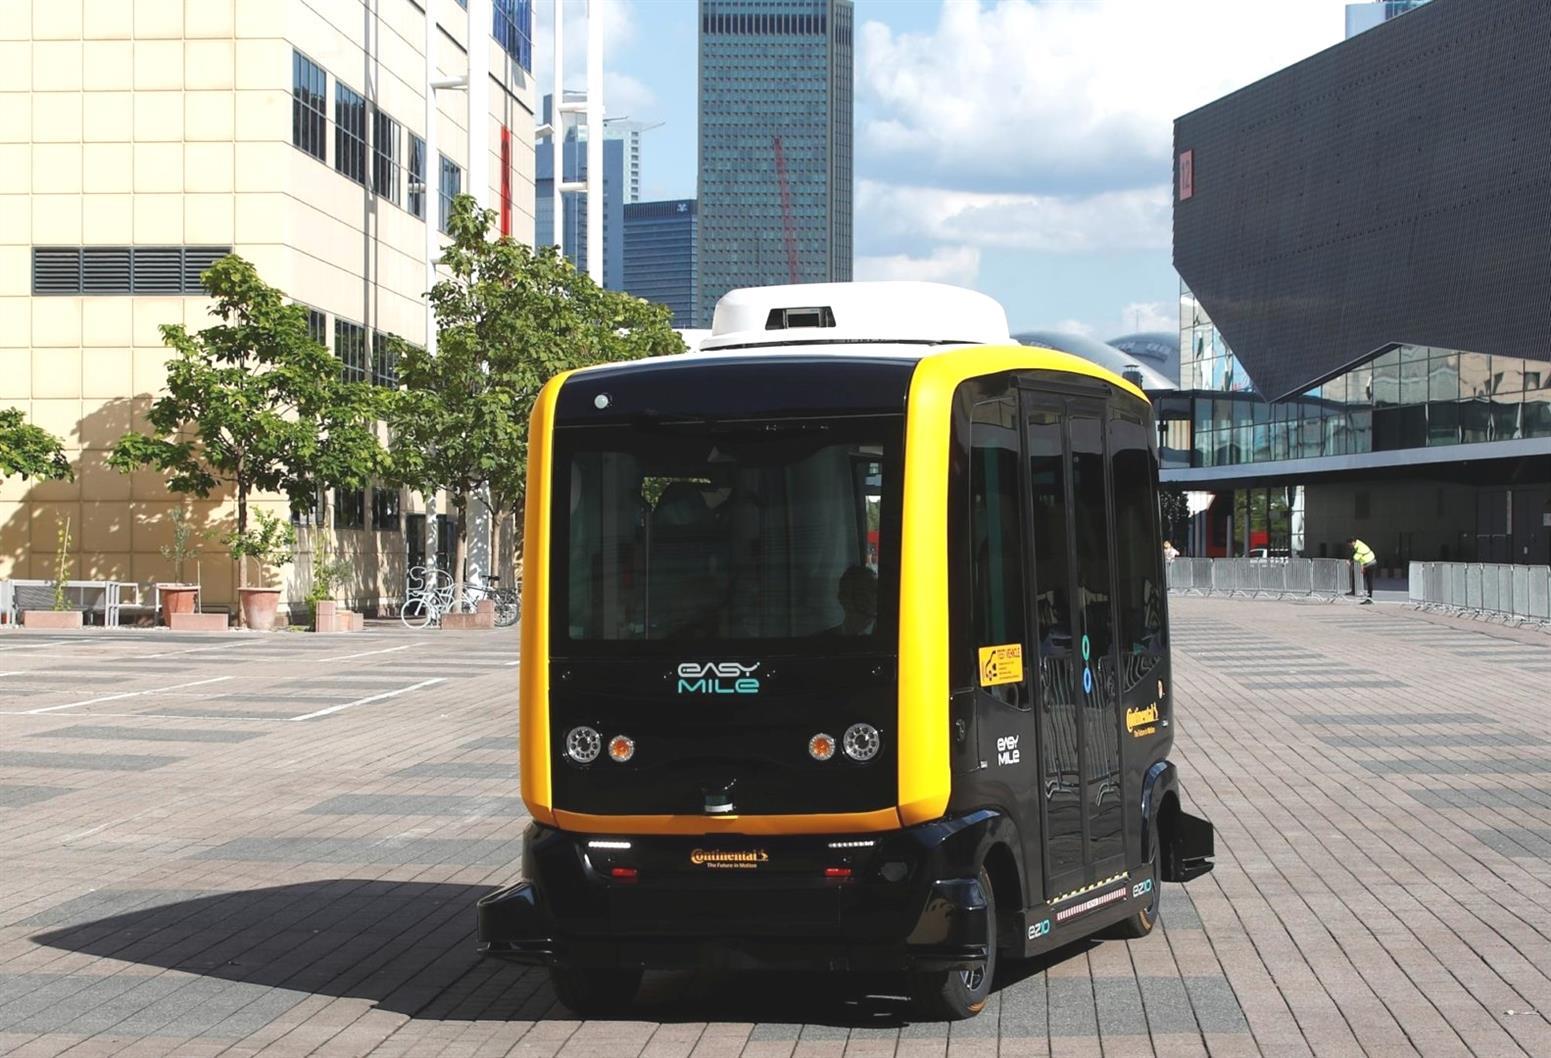 LAllemagne cree une legislation pour autoriser les vehicules sans 0pIJ3 2 4